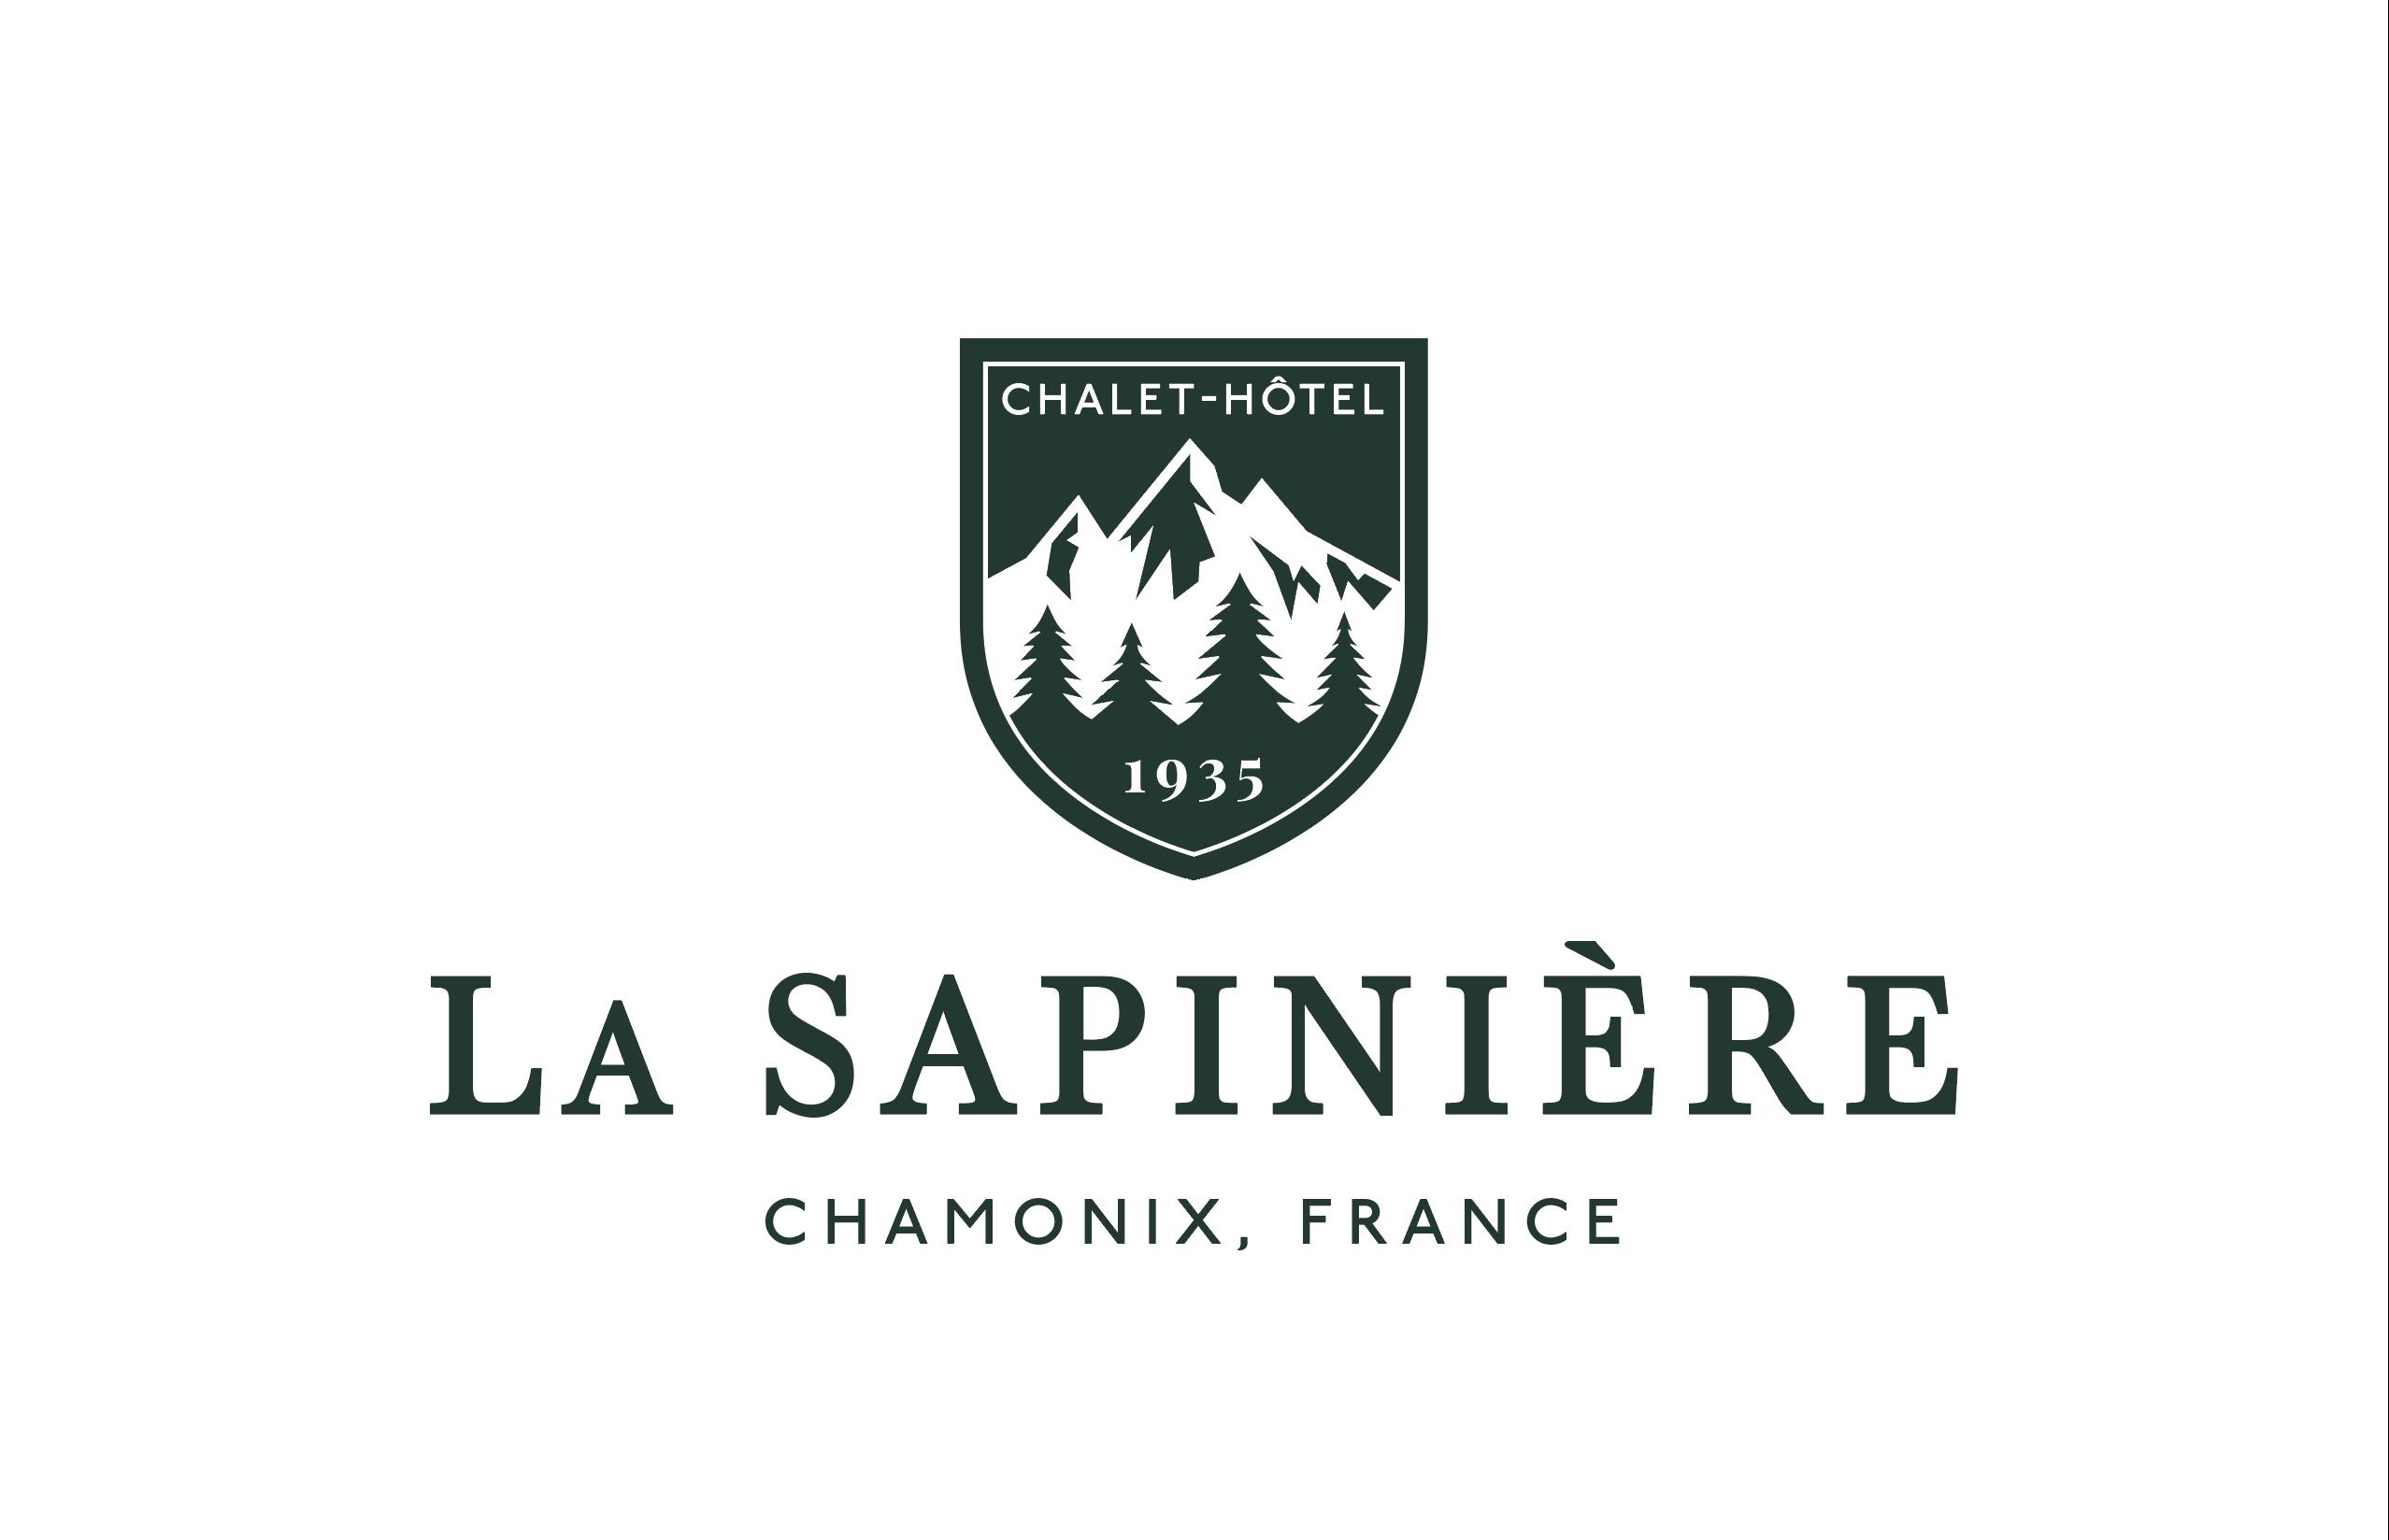 Chalet Hôtel La Sapinière